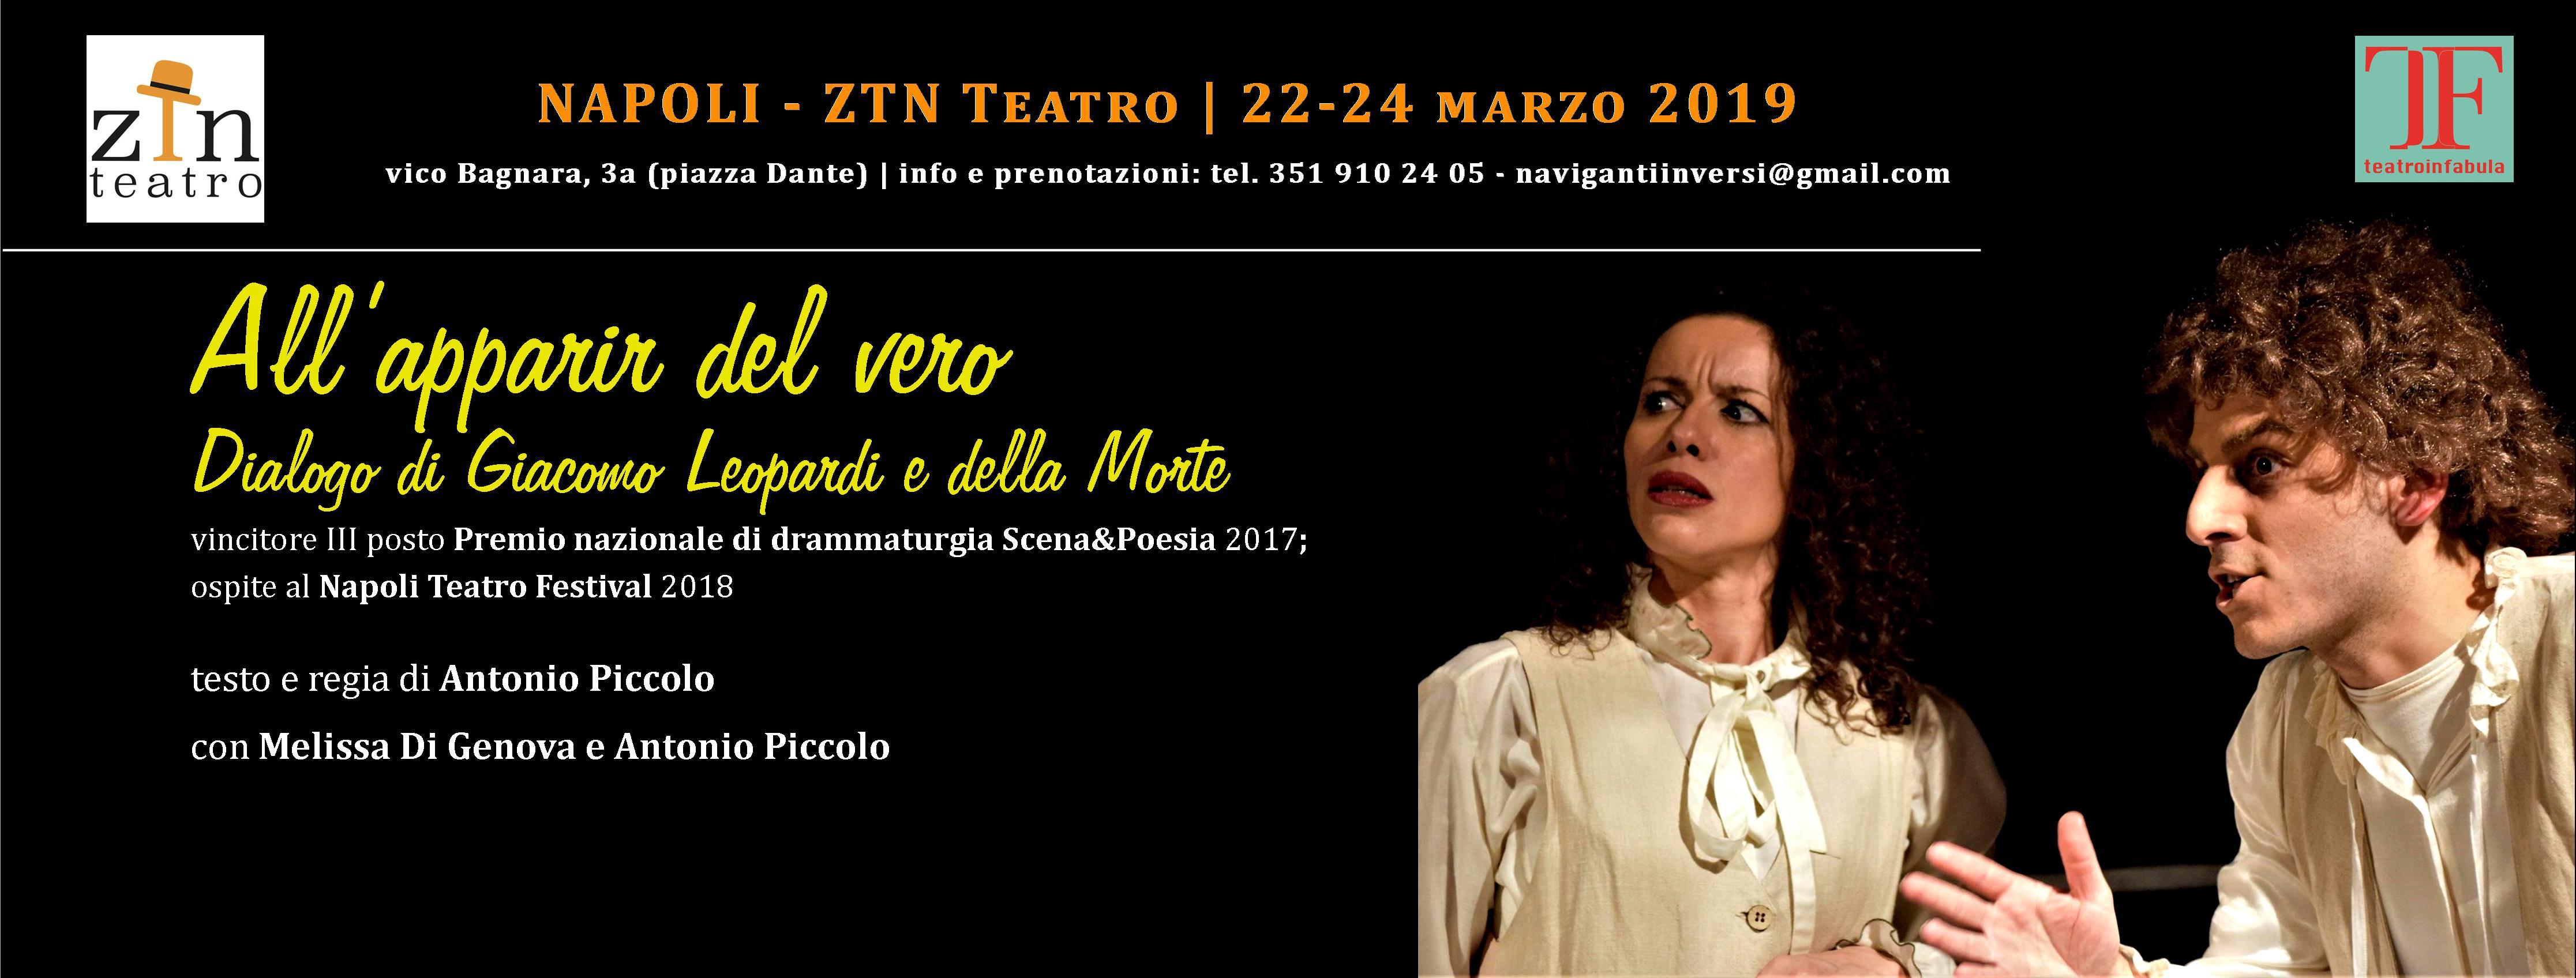 copertina sito ztn napoli